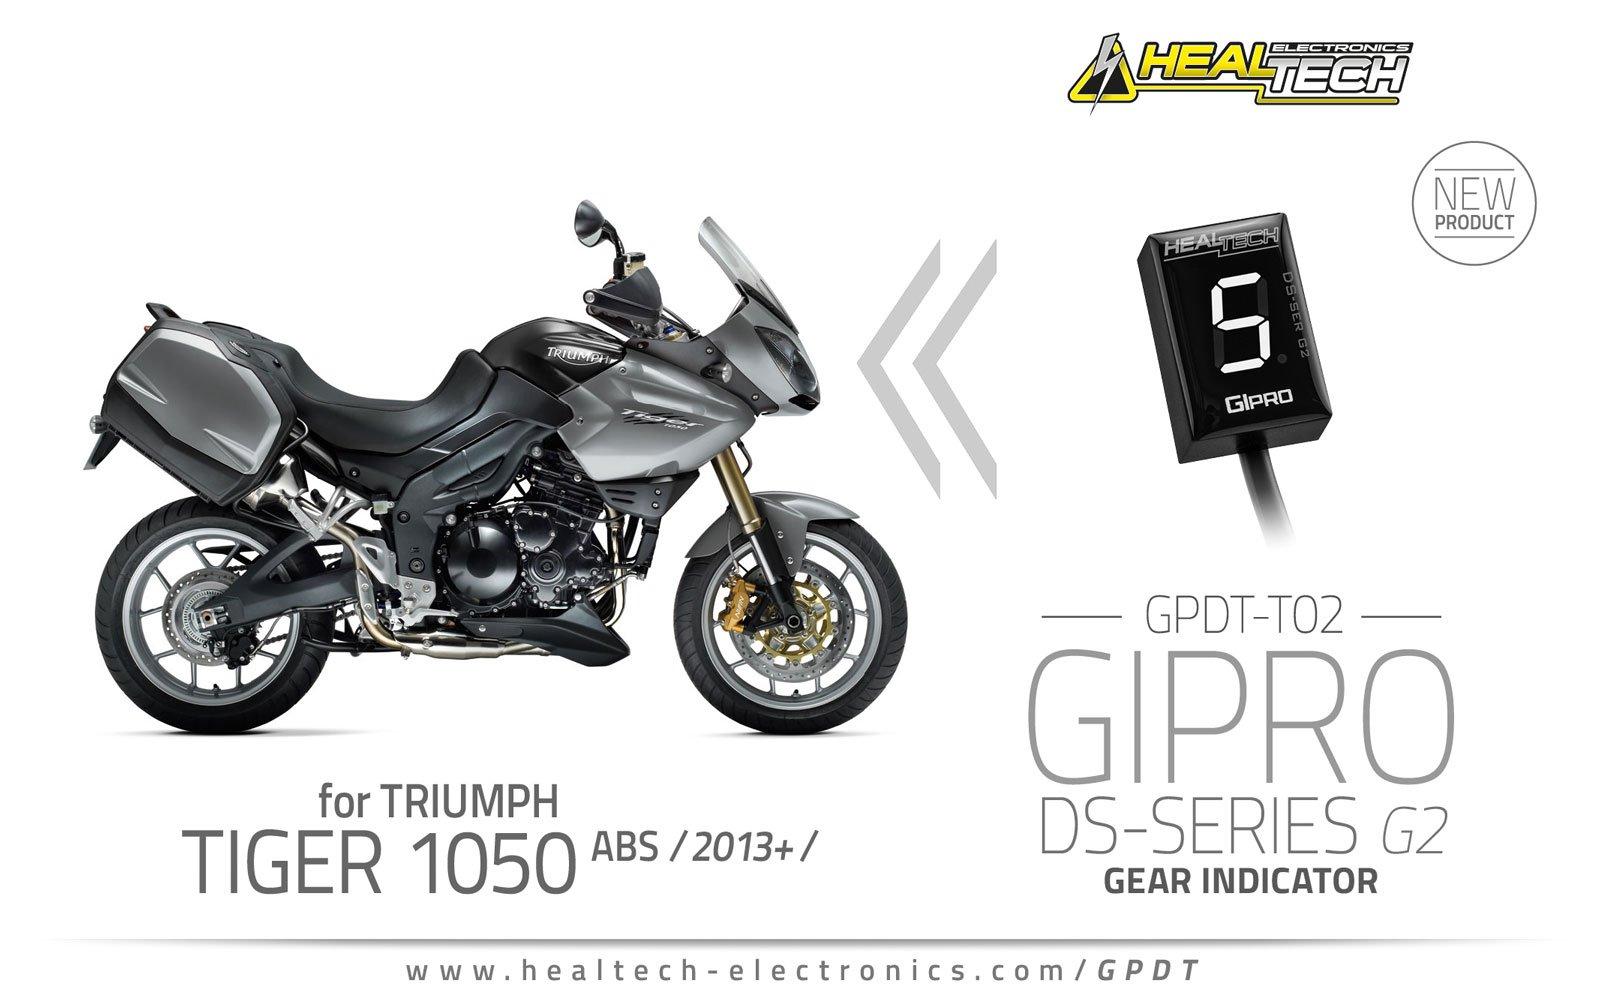 GIpro DS-series G2 (GPDT) - HealTech Electronics Ltd